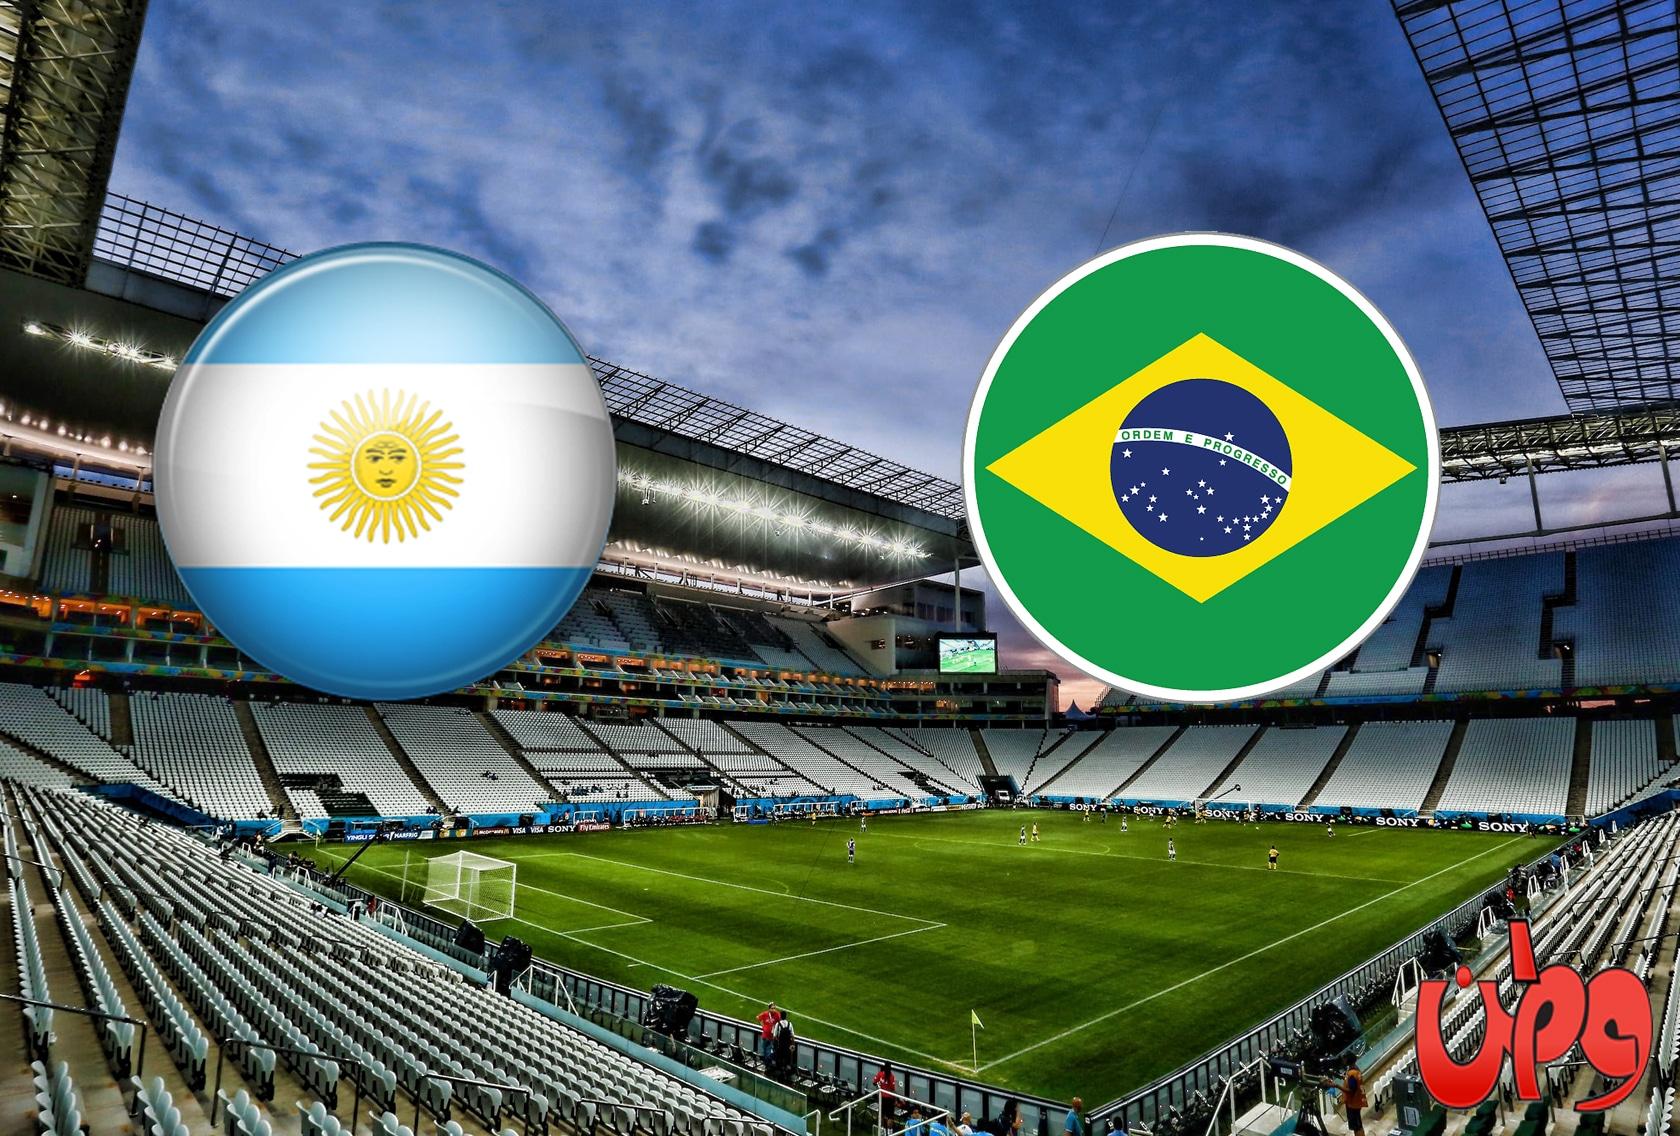 مباراة منتخب البرازيل والأرجنتين في تصفيات مونديال كأس العالم 2022